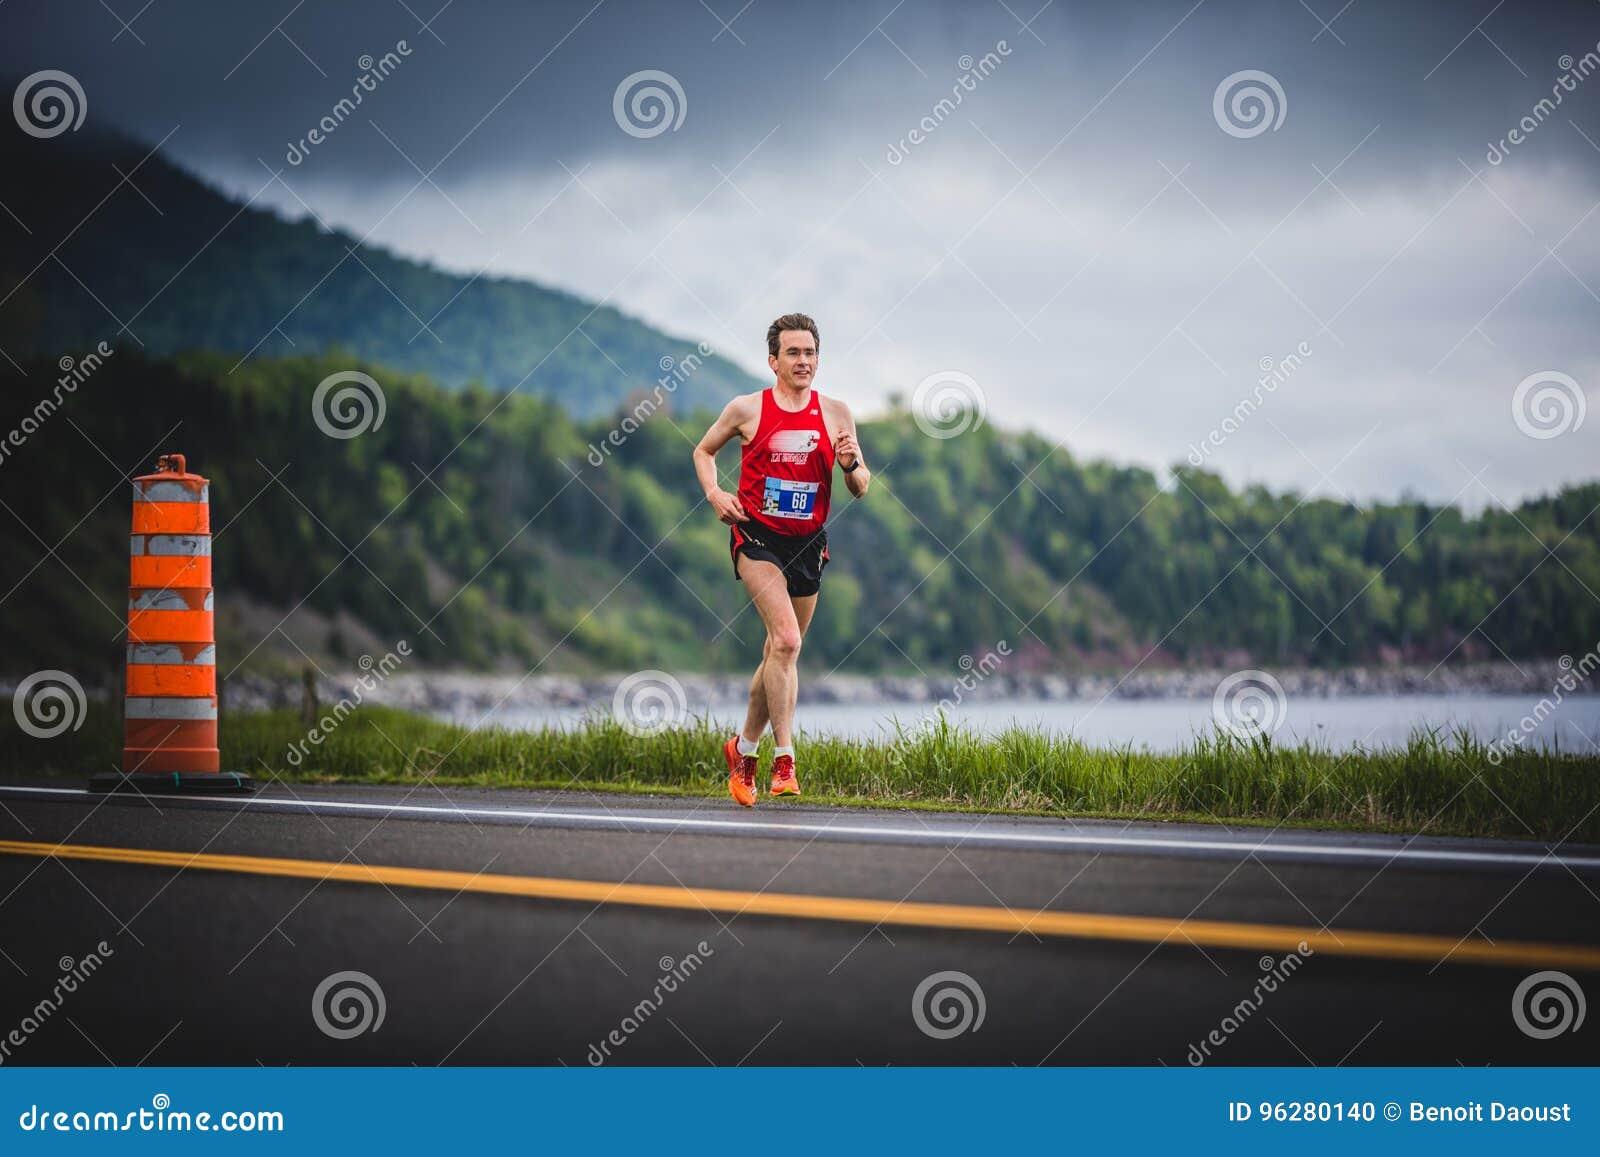 Marathoner aproximadamente los 7km del hombre de la distancia